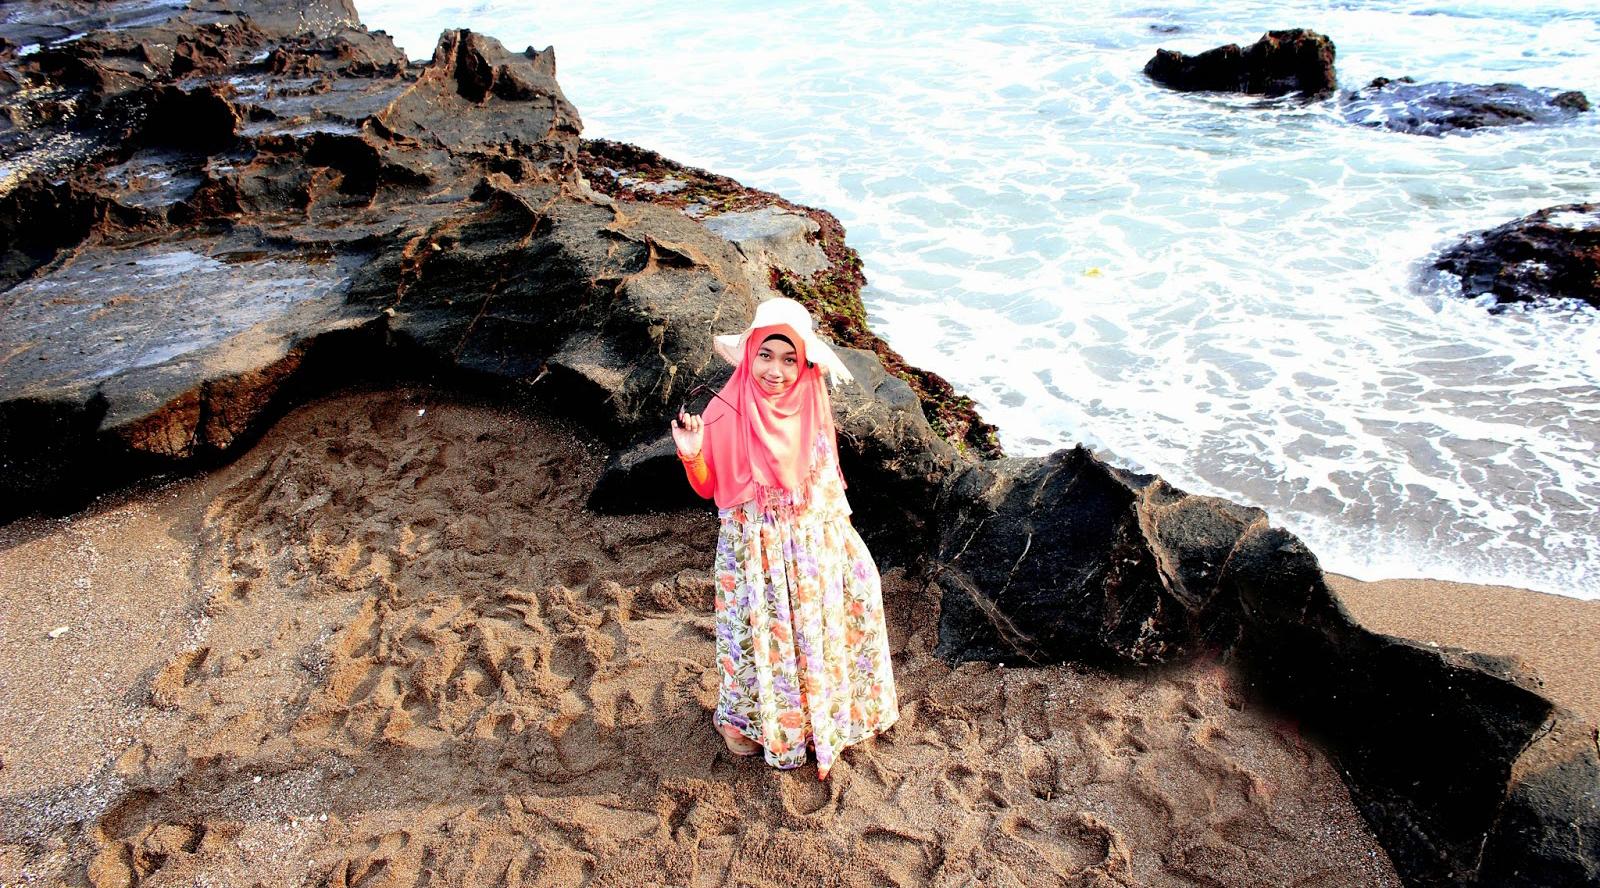 Kondisi angin yang cukup kencang di pantai membuatmu kesulitan untuk membetulkan hijab. Sebaiknya hindari hijab yang pemakaiannya harus menggunakan peniti karena akan mudah bergeser saat terkena angin. Pilihan jilbab instan bergaya turban atau bergo akan membuatmu lebih nyaman dan fleksibel. Sesuaikan warnanya dengan atasan dan bawahan yang kamu kenakan.